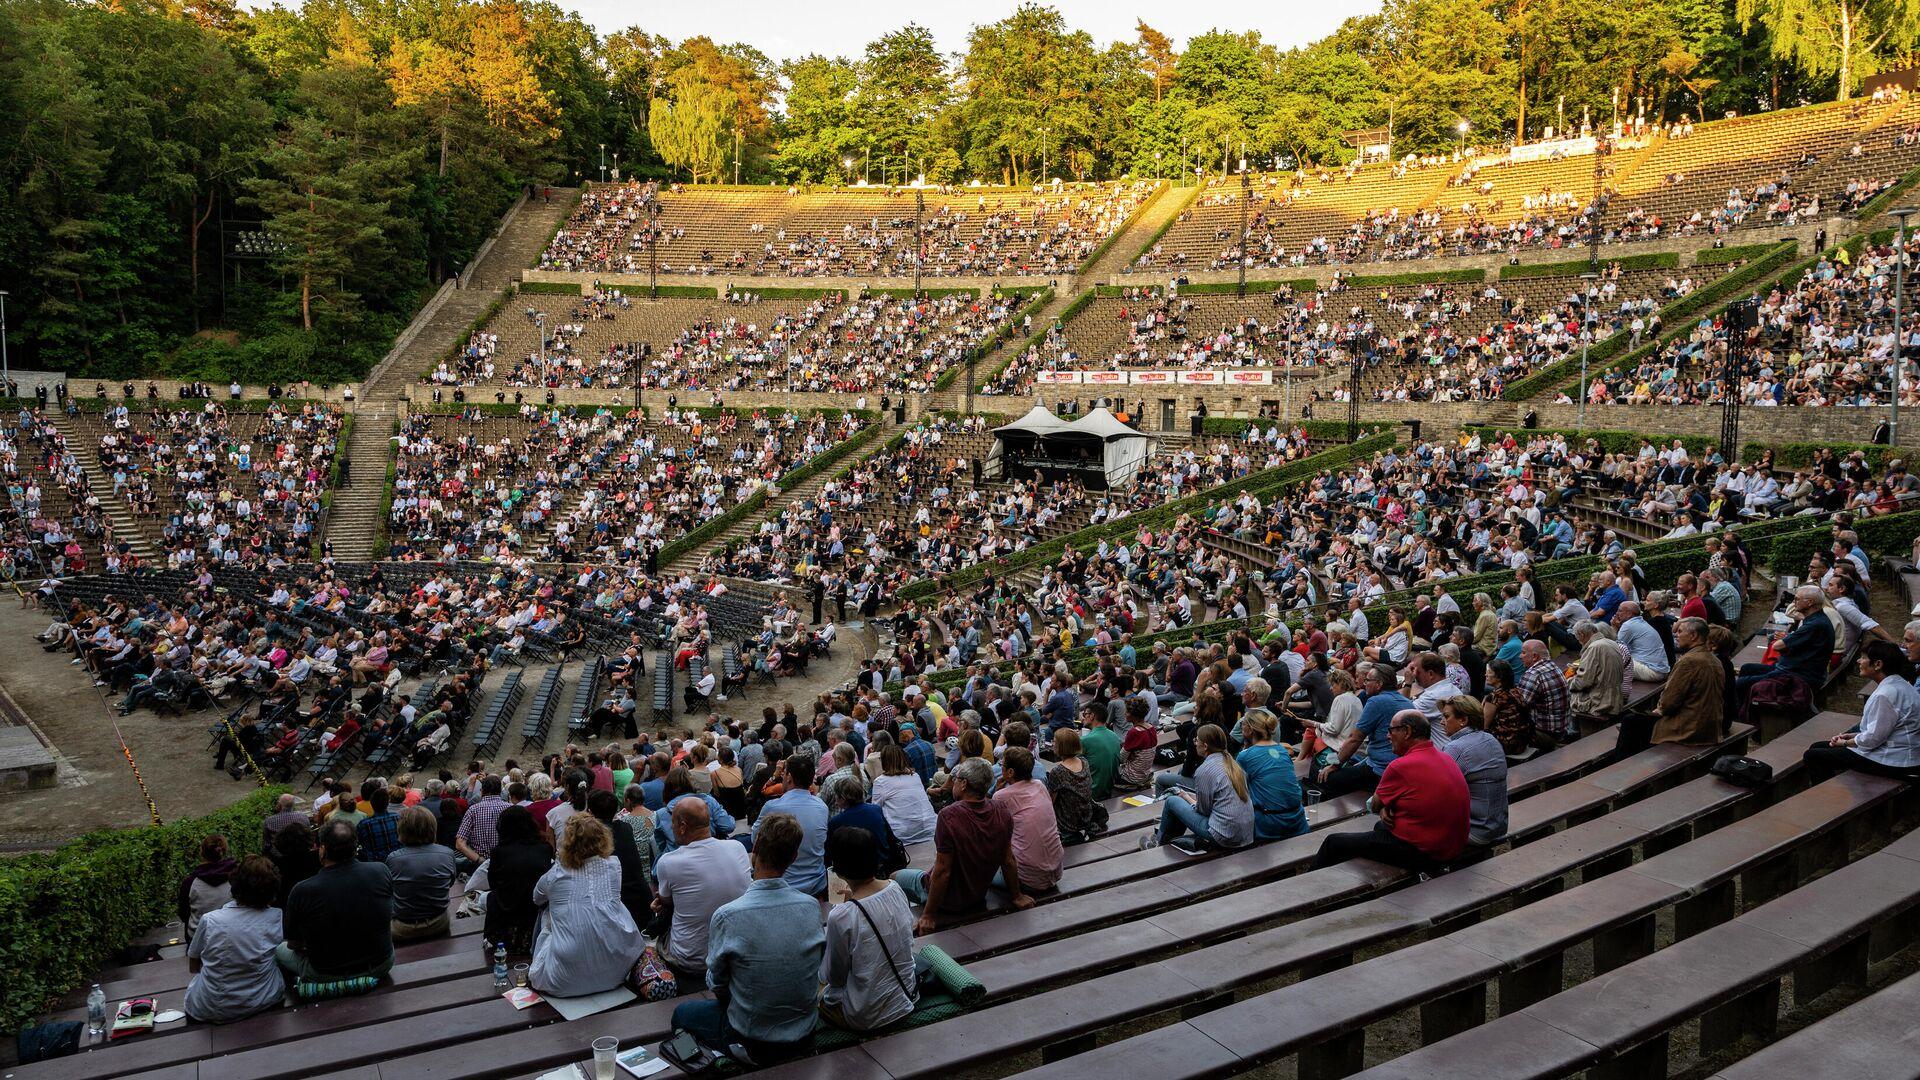 Zuschauer besuchen am 26. Juni 2021 das letzte Konzert der Berliner Philharmoniker in dieser Saison in der Waldbühne in Berlin am 26. Juni 2021. Symbolfoto - SNA, 1920, 28.07.2021